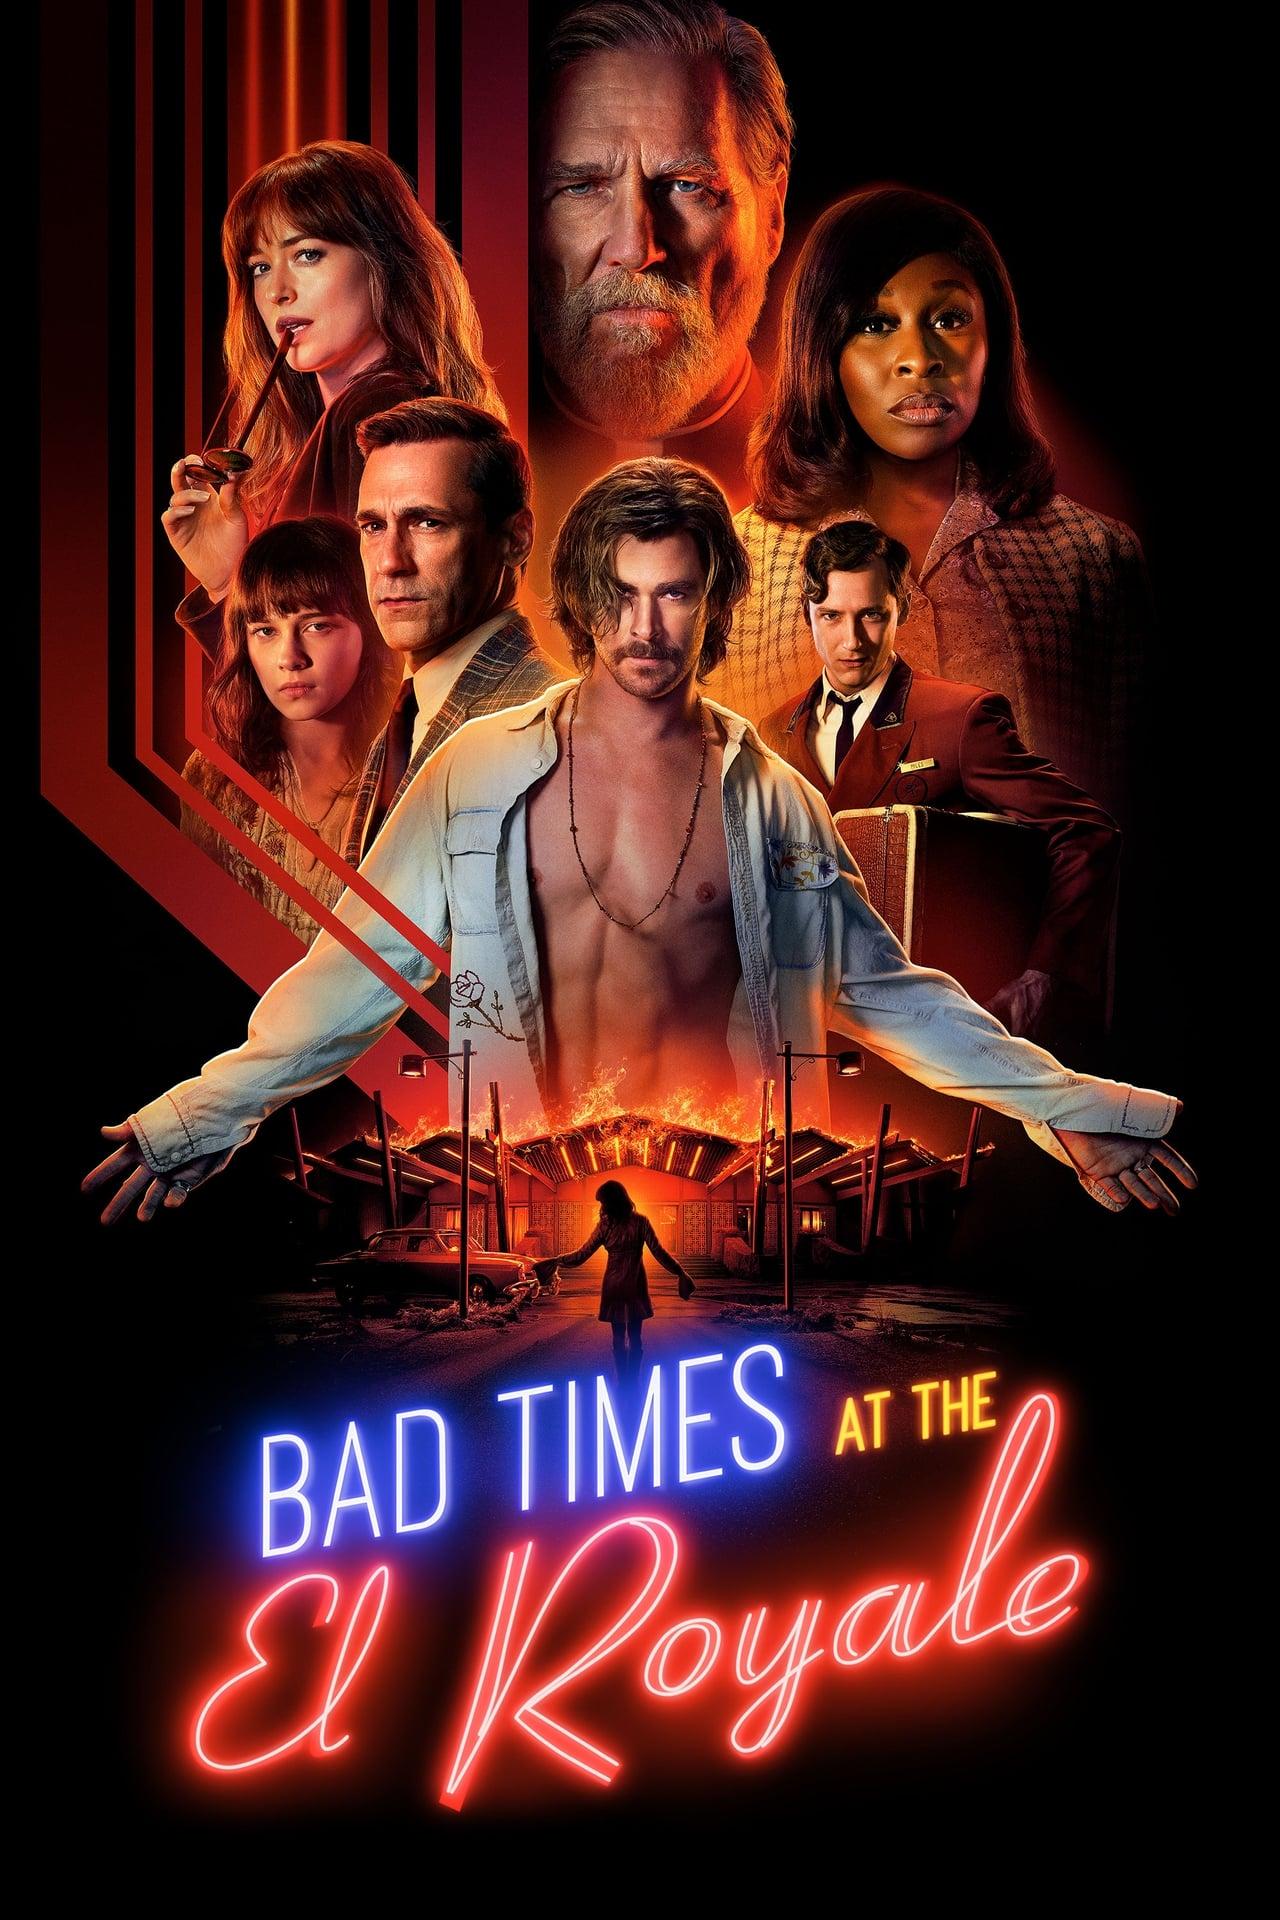 Download Bad Times at the El Royale (2018) Dual Audio [Hindi-English] 480p [450MB] | 720p [1.2GB] | 1080p [2.8GB]